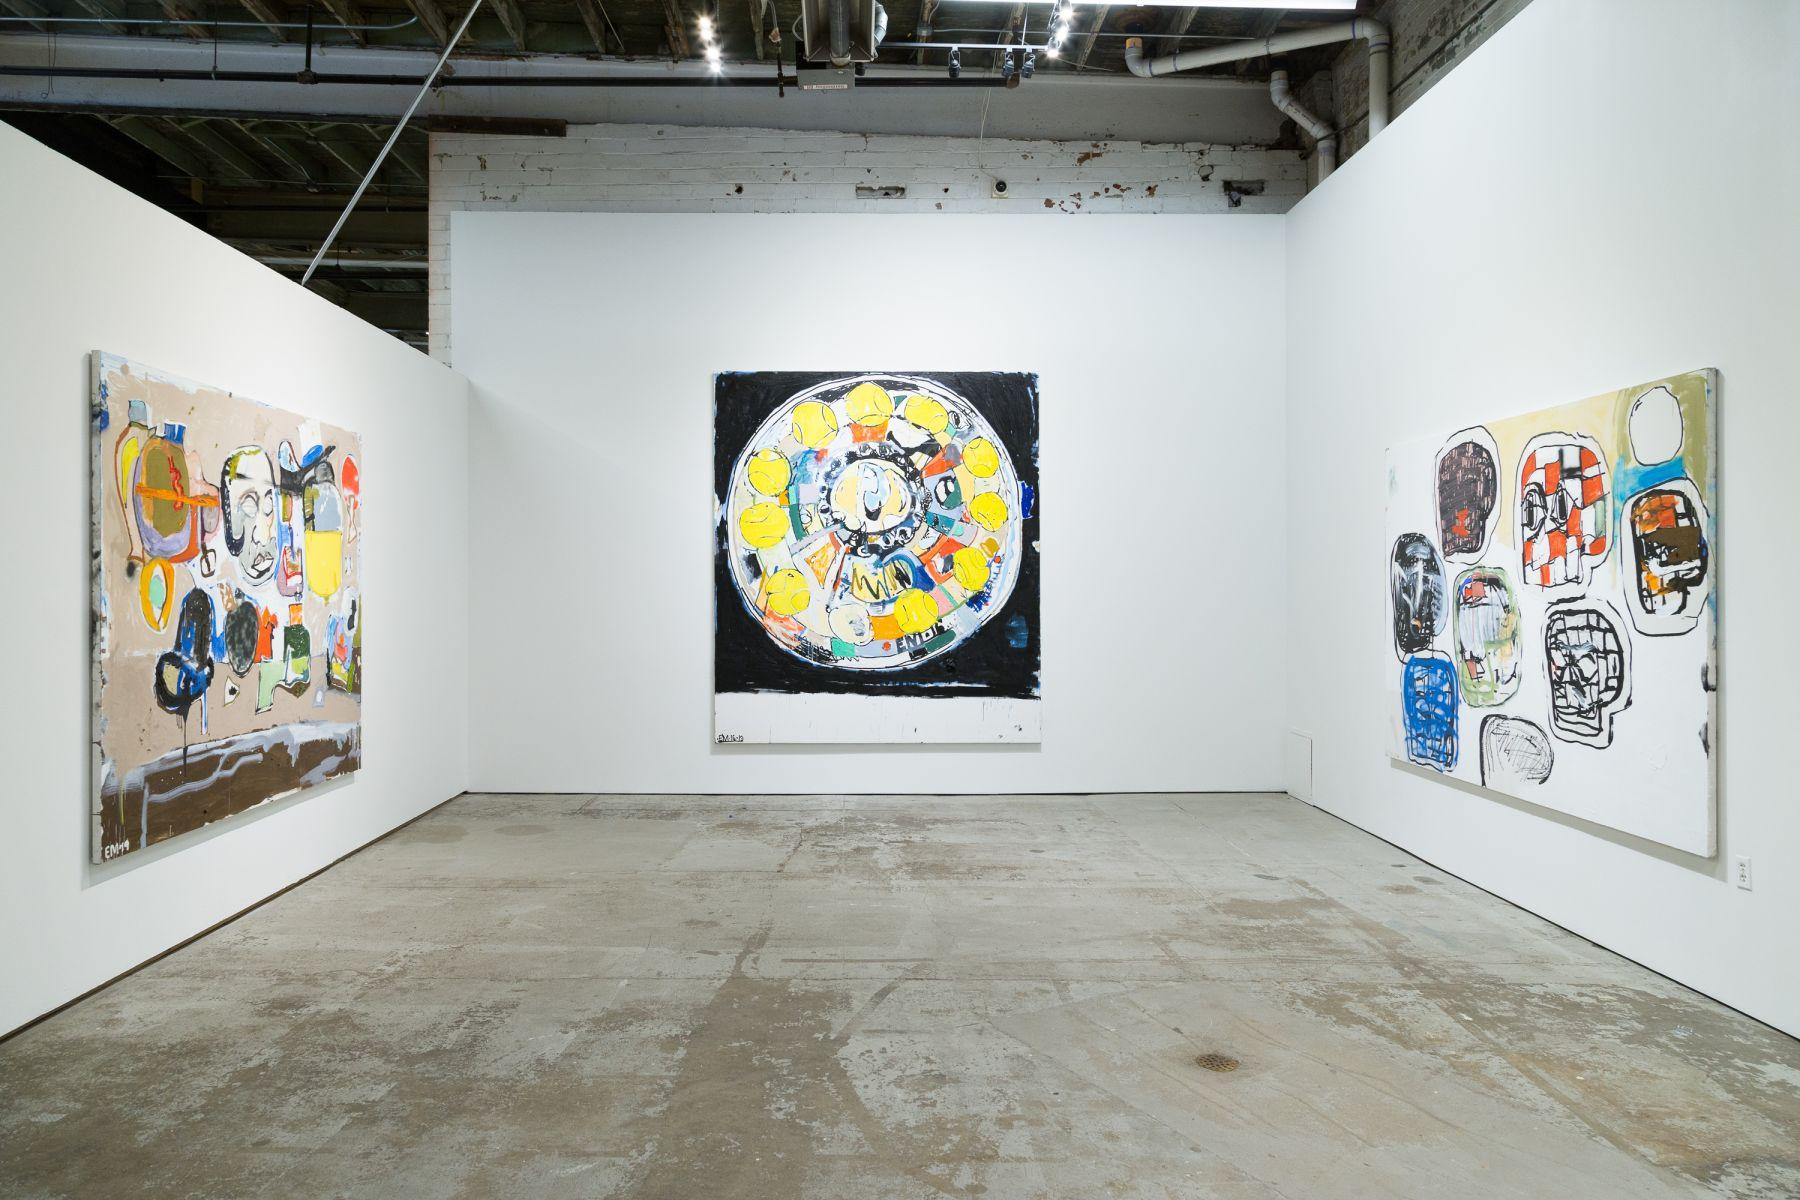 EDDIE MARTINEZ Installation view of Fast Eddie at the Museum of Contemporary Art Detroit, Detroit, MI, 2019